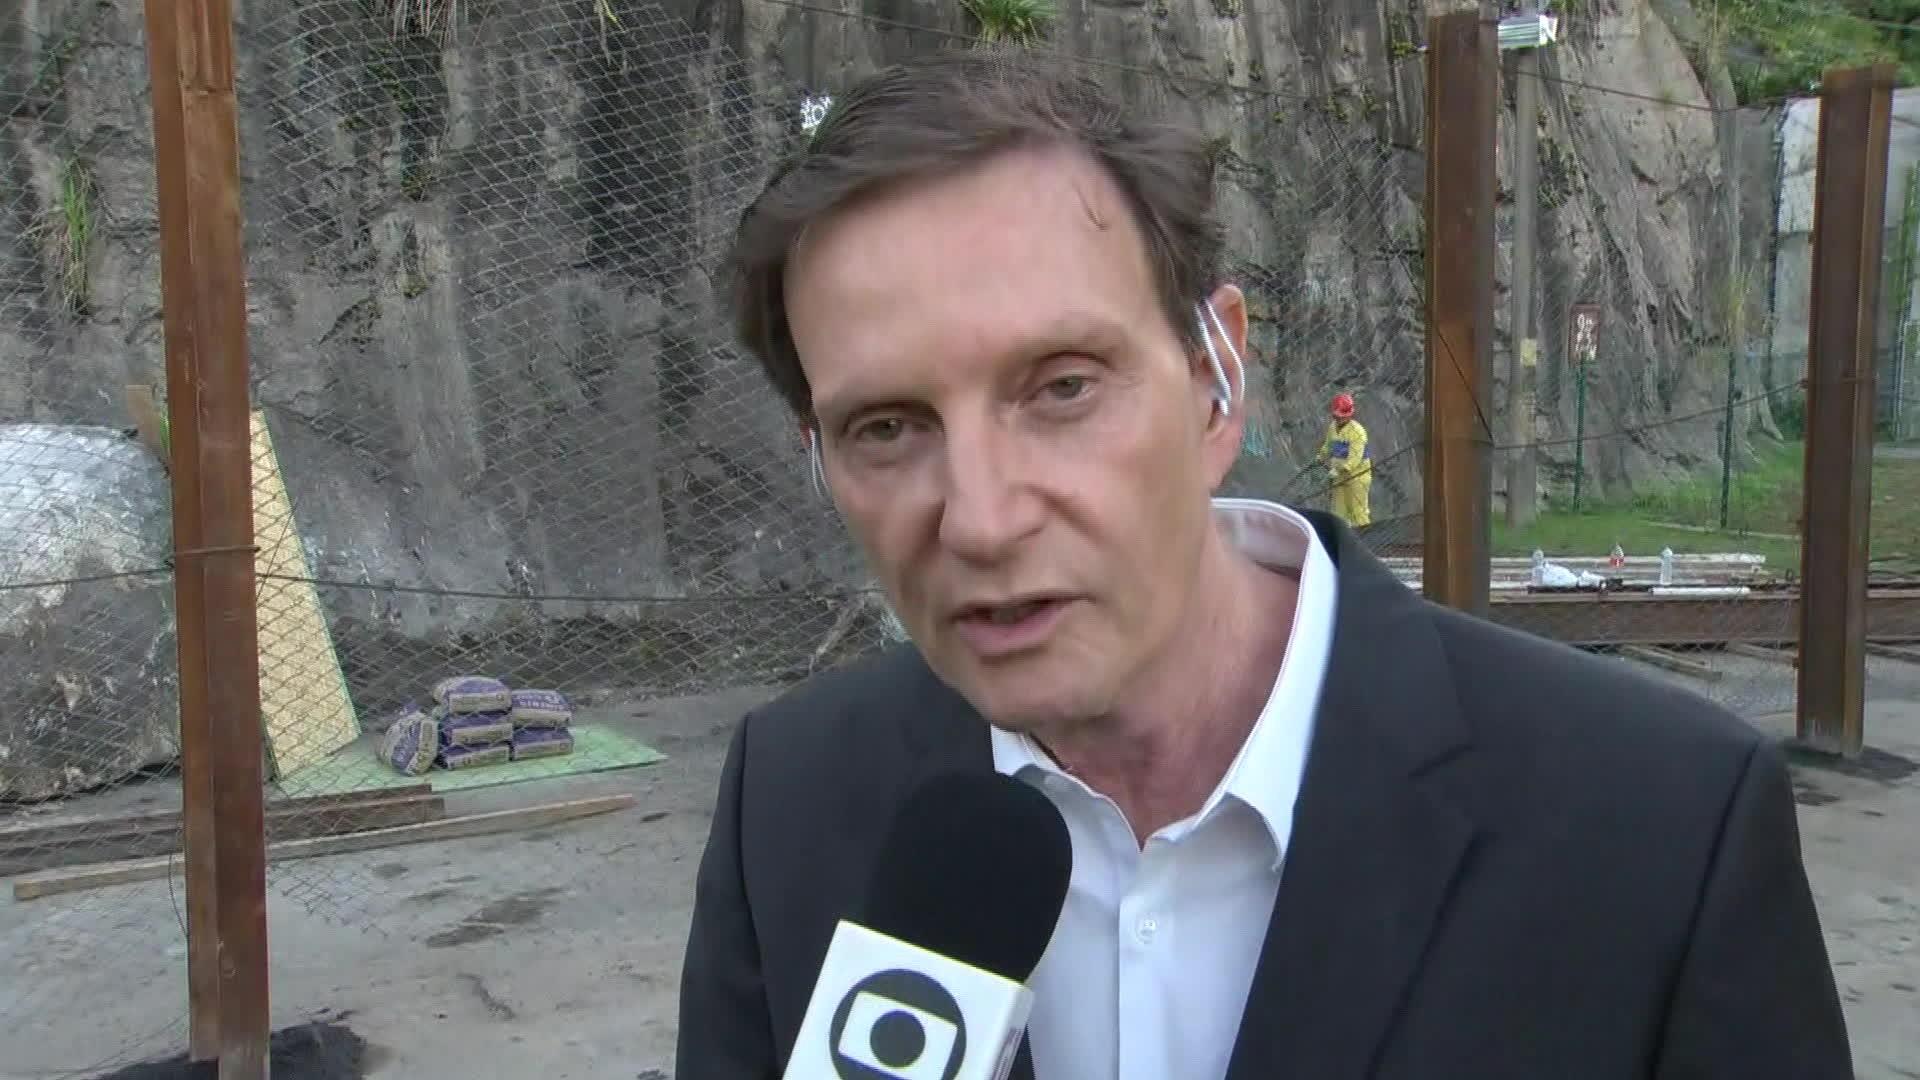 Aumento da passagem de ônibus está nas mãos da prefeitura, diz Justiça